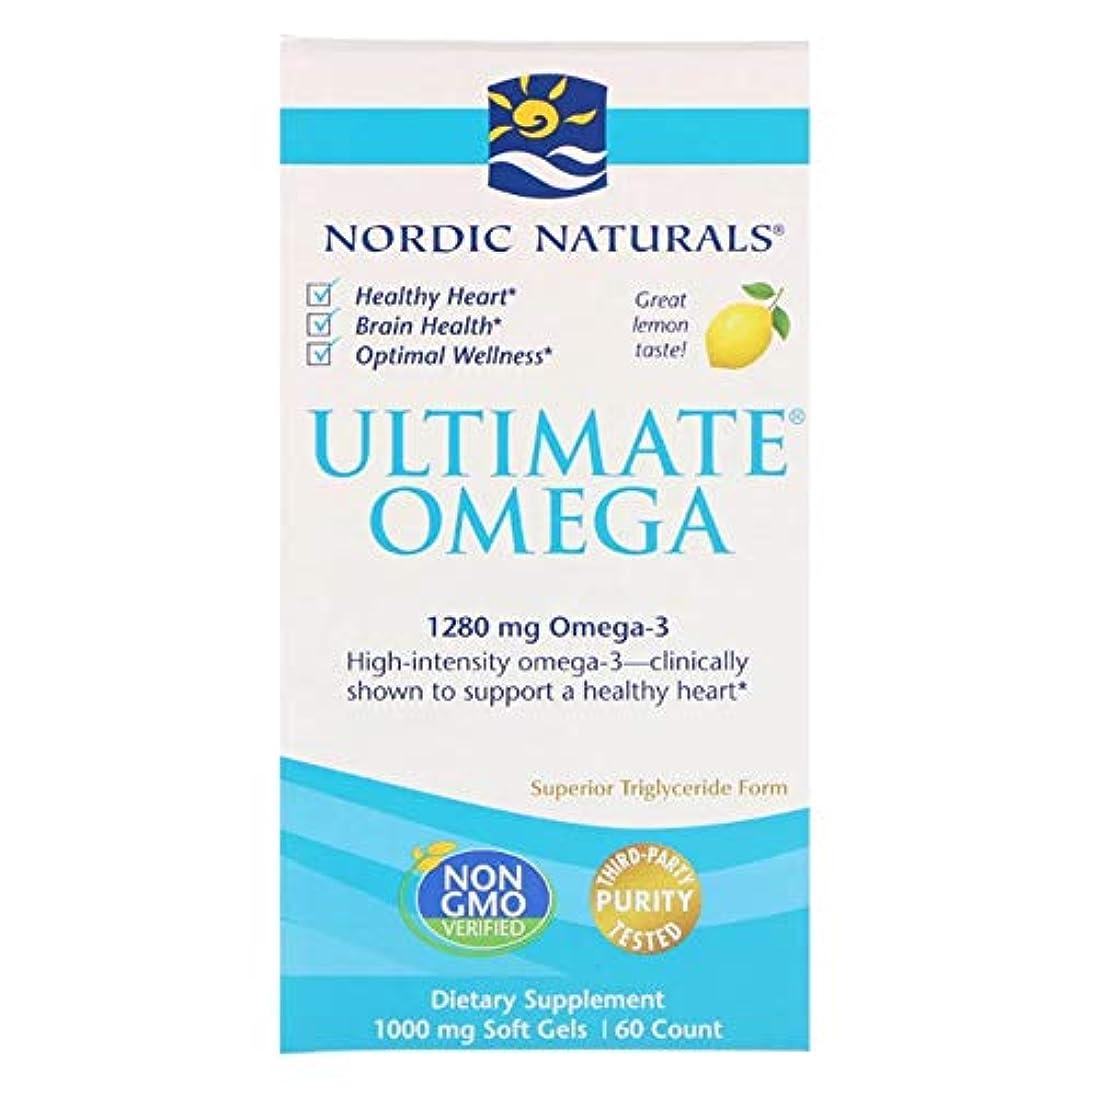 パスポート穏やかな情報Nordic Naturals 究極のオメガ レモン 1280 mg 60ソフトゼリー 【アメリカ直送】